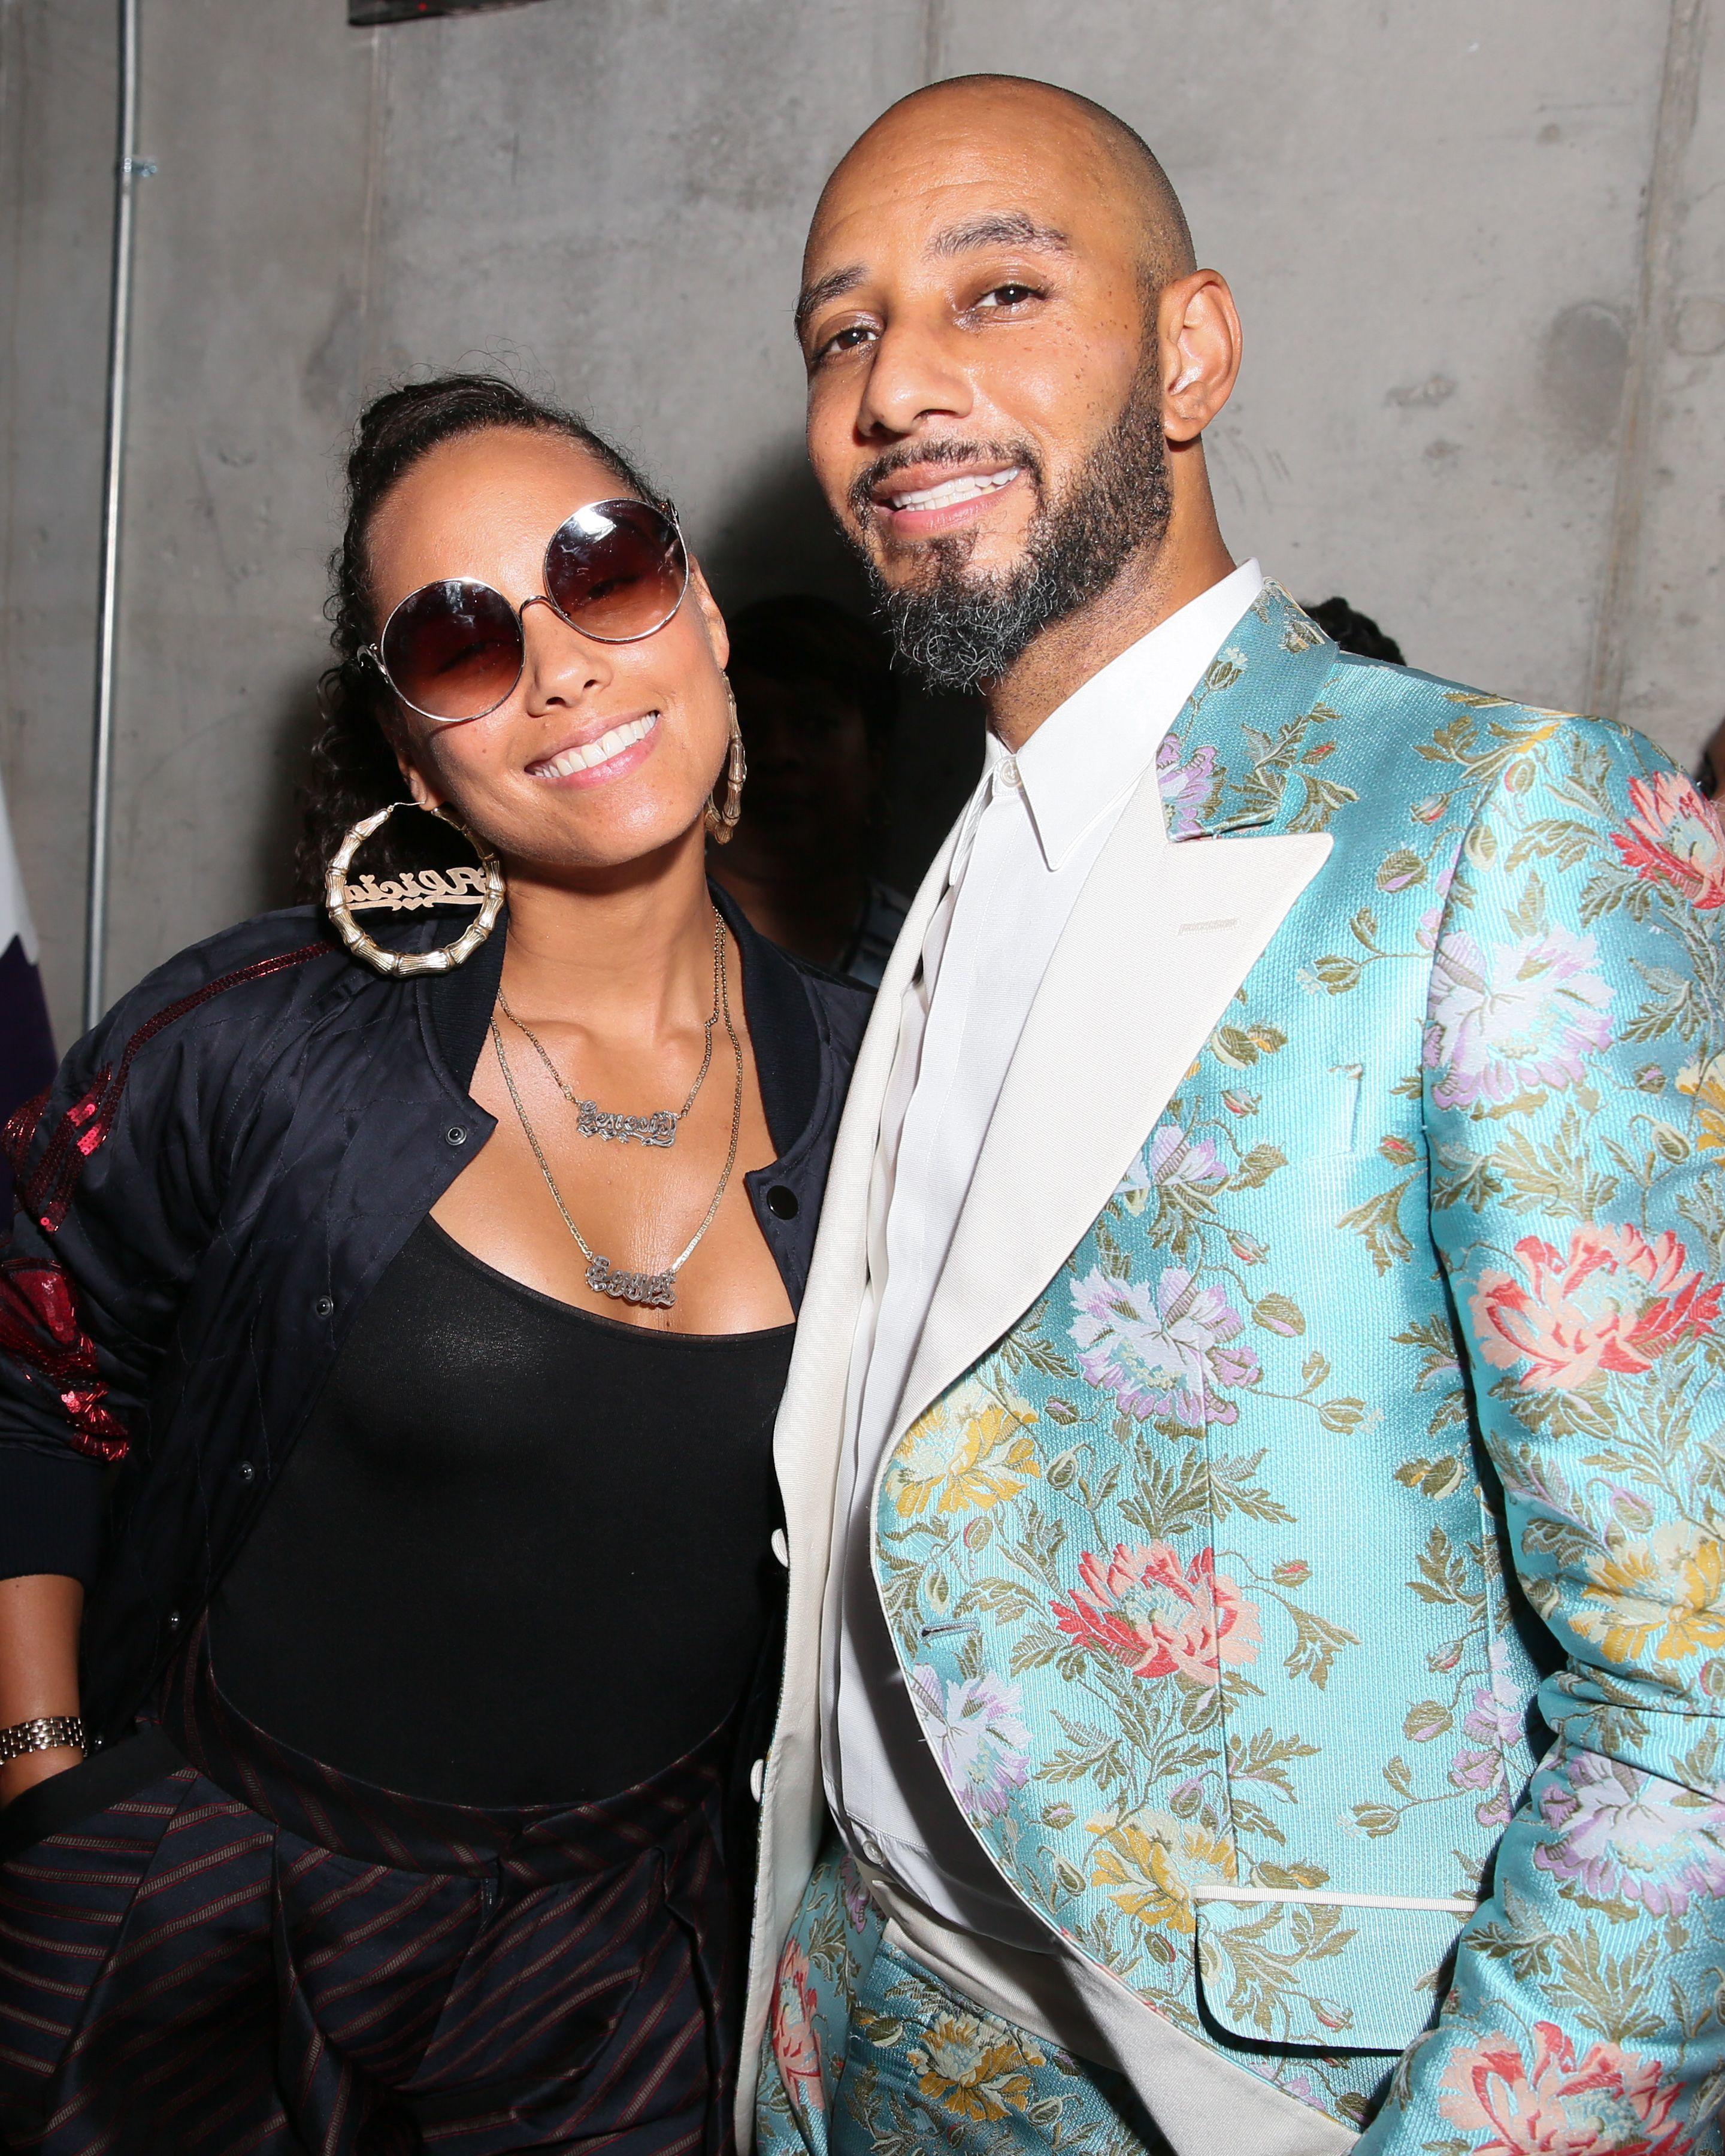 Alicia Keys Swizz Beats - Week in celebrity pictures July ...